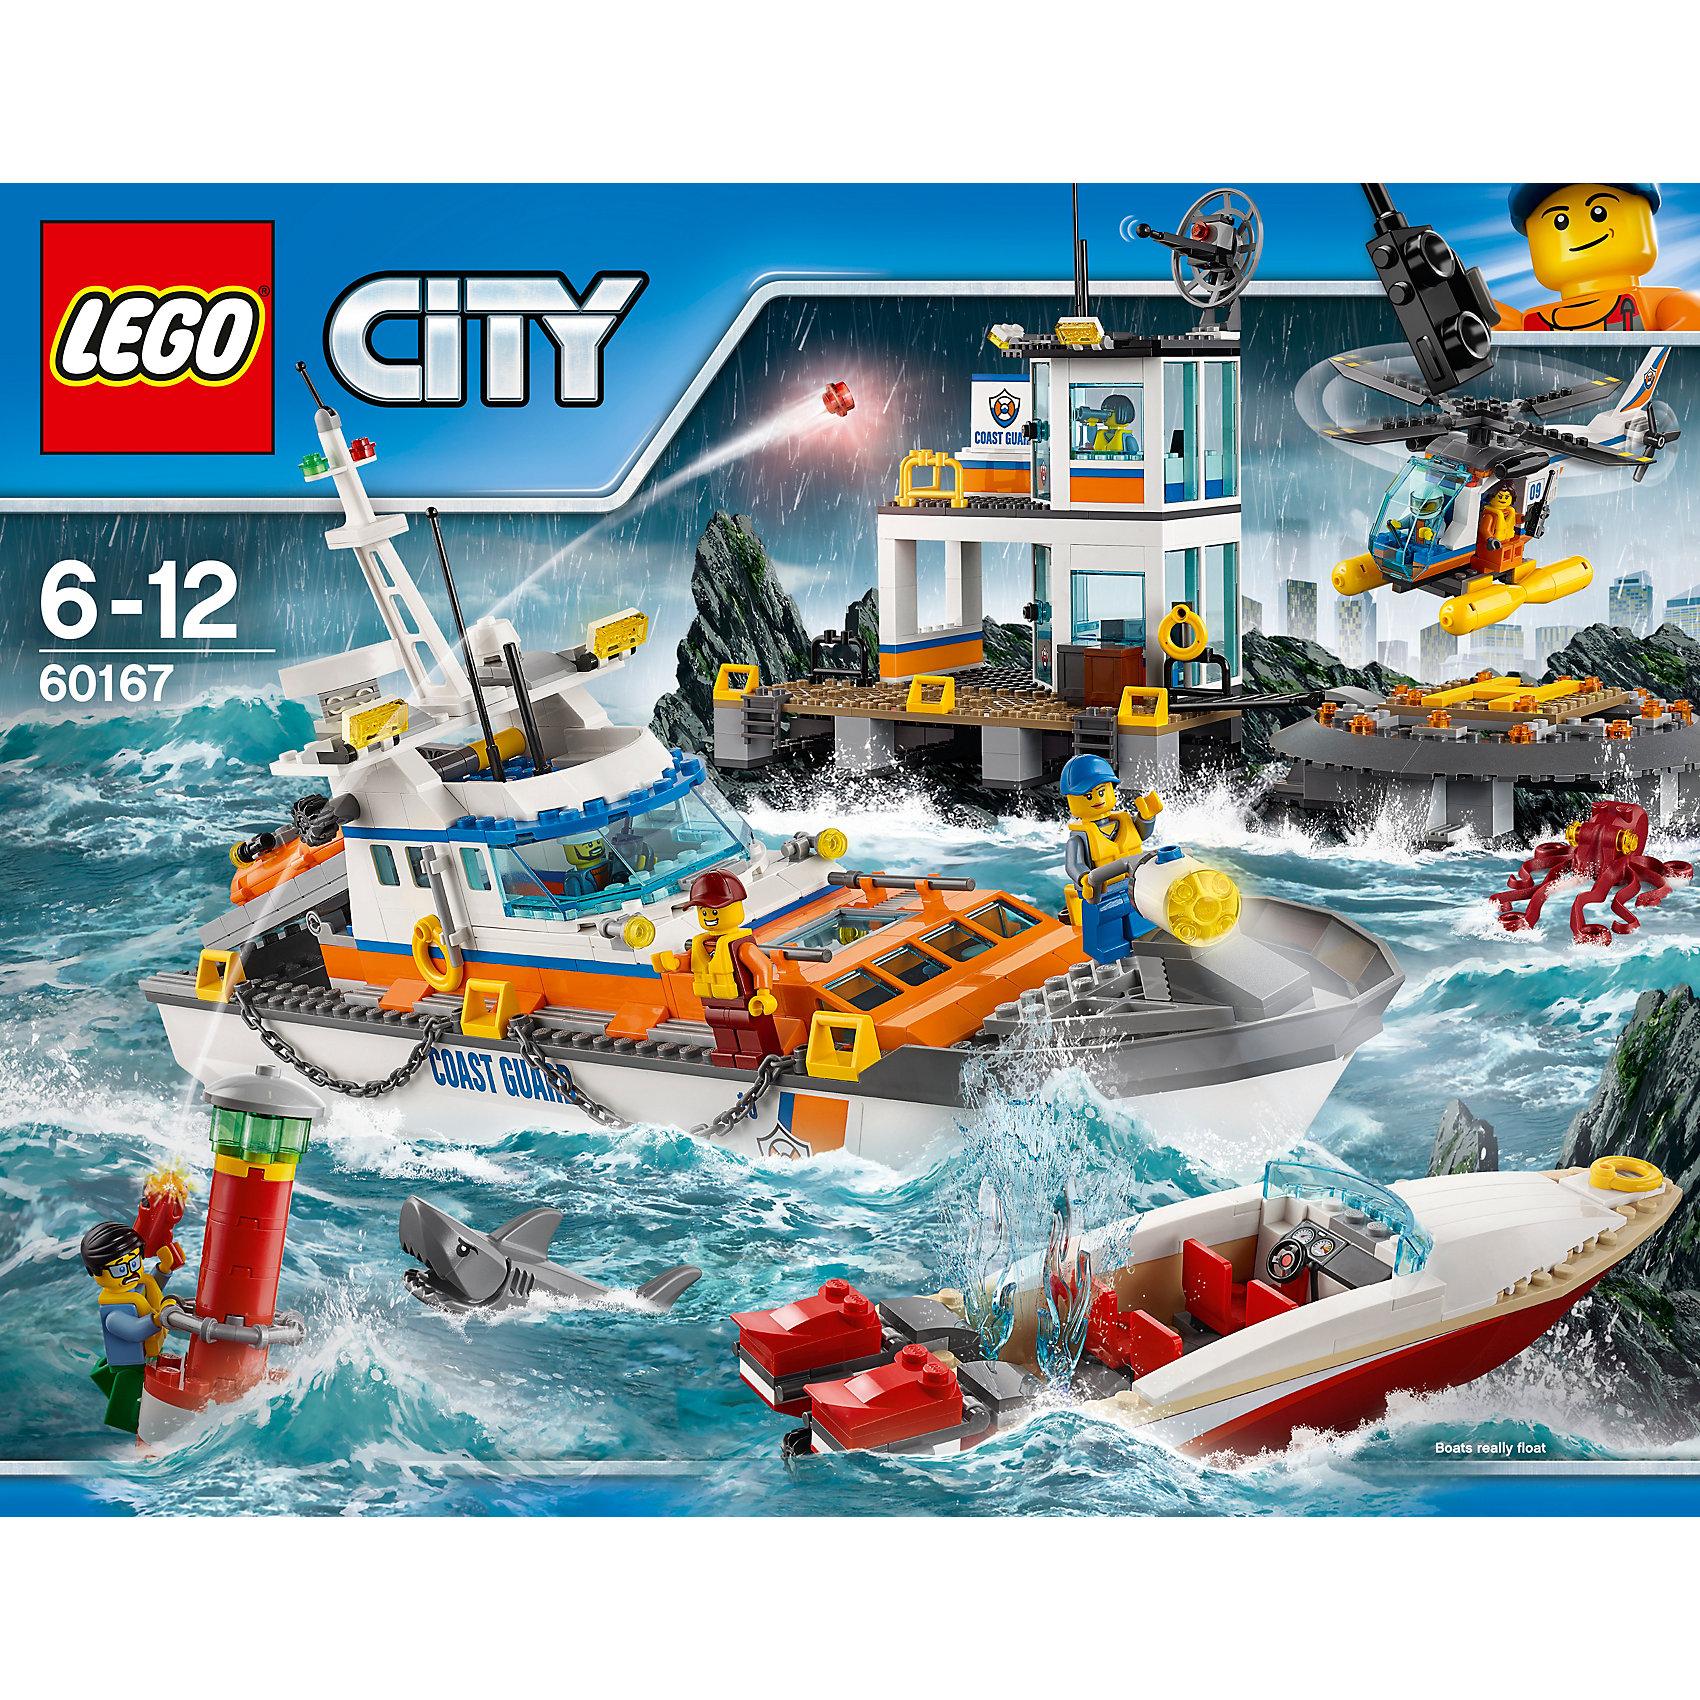 LEGO City 60167: Штаб береговой охраныПластмассовые конструкторы<br><br><br>Ширина мм: 482<br>Глубина мм: 375<br>Высота мм: 119<br>Вес г: 2030<br>Возраст от месяцев: 72<br>Возраст до месяцев: 144<br>Пол: Мужской<br>Возраст: Детский<br>SKU: 5620019